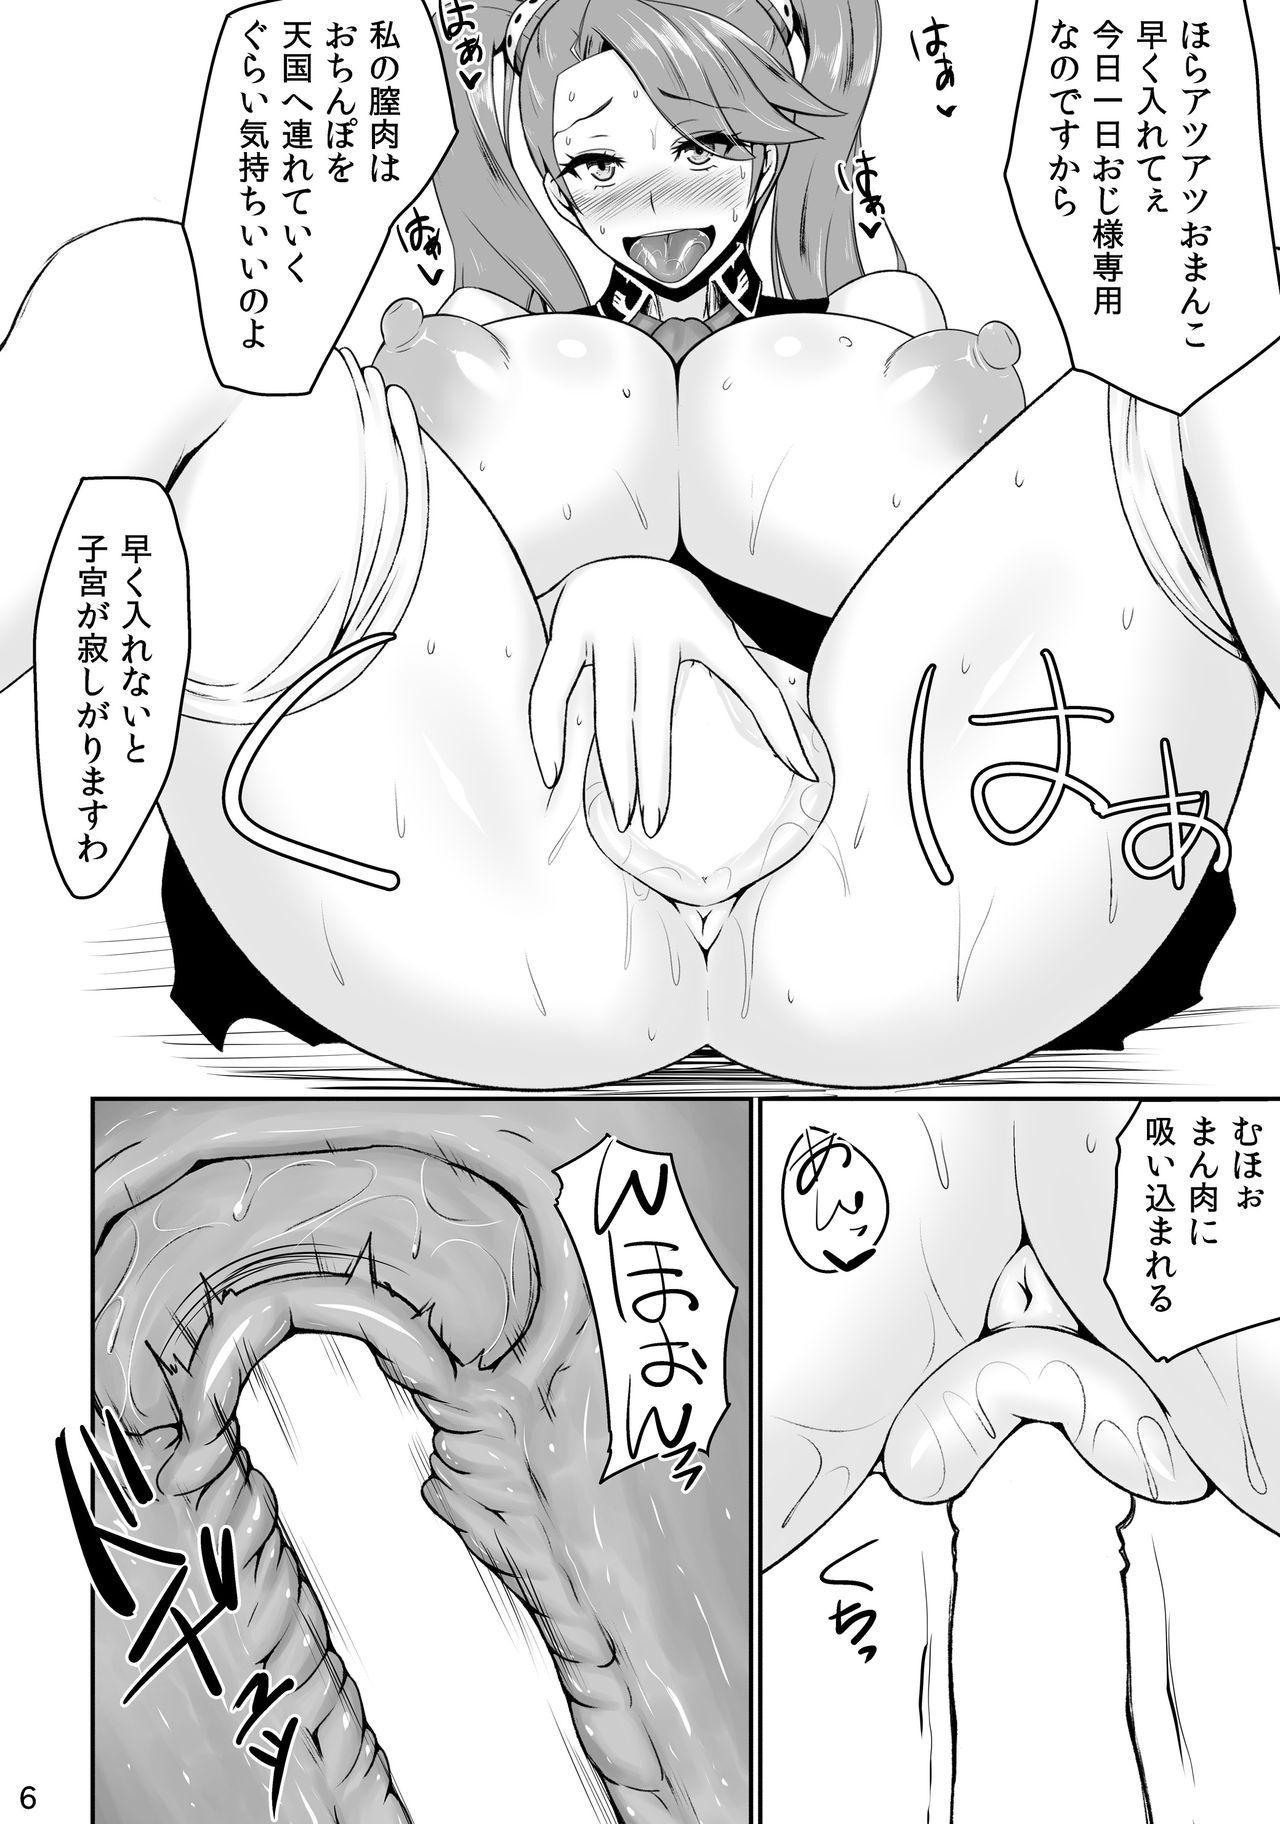 FuyuComi no Gyanko Copybon 5